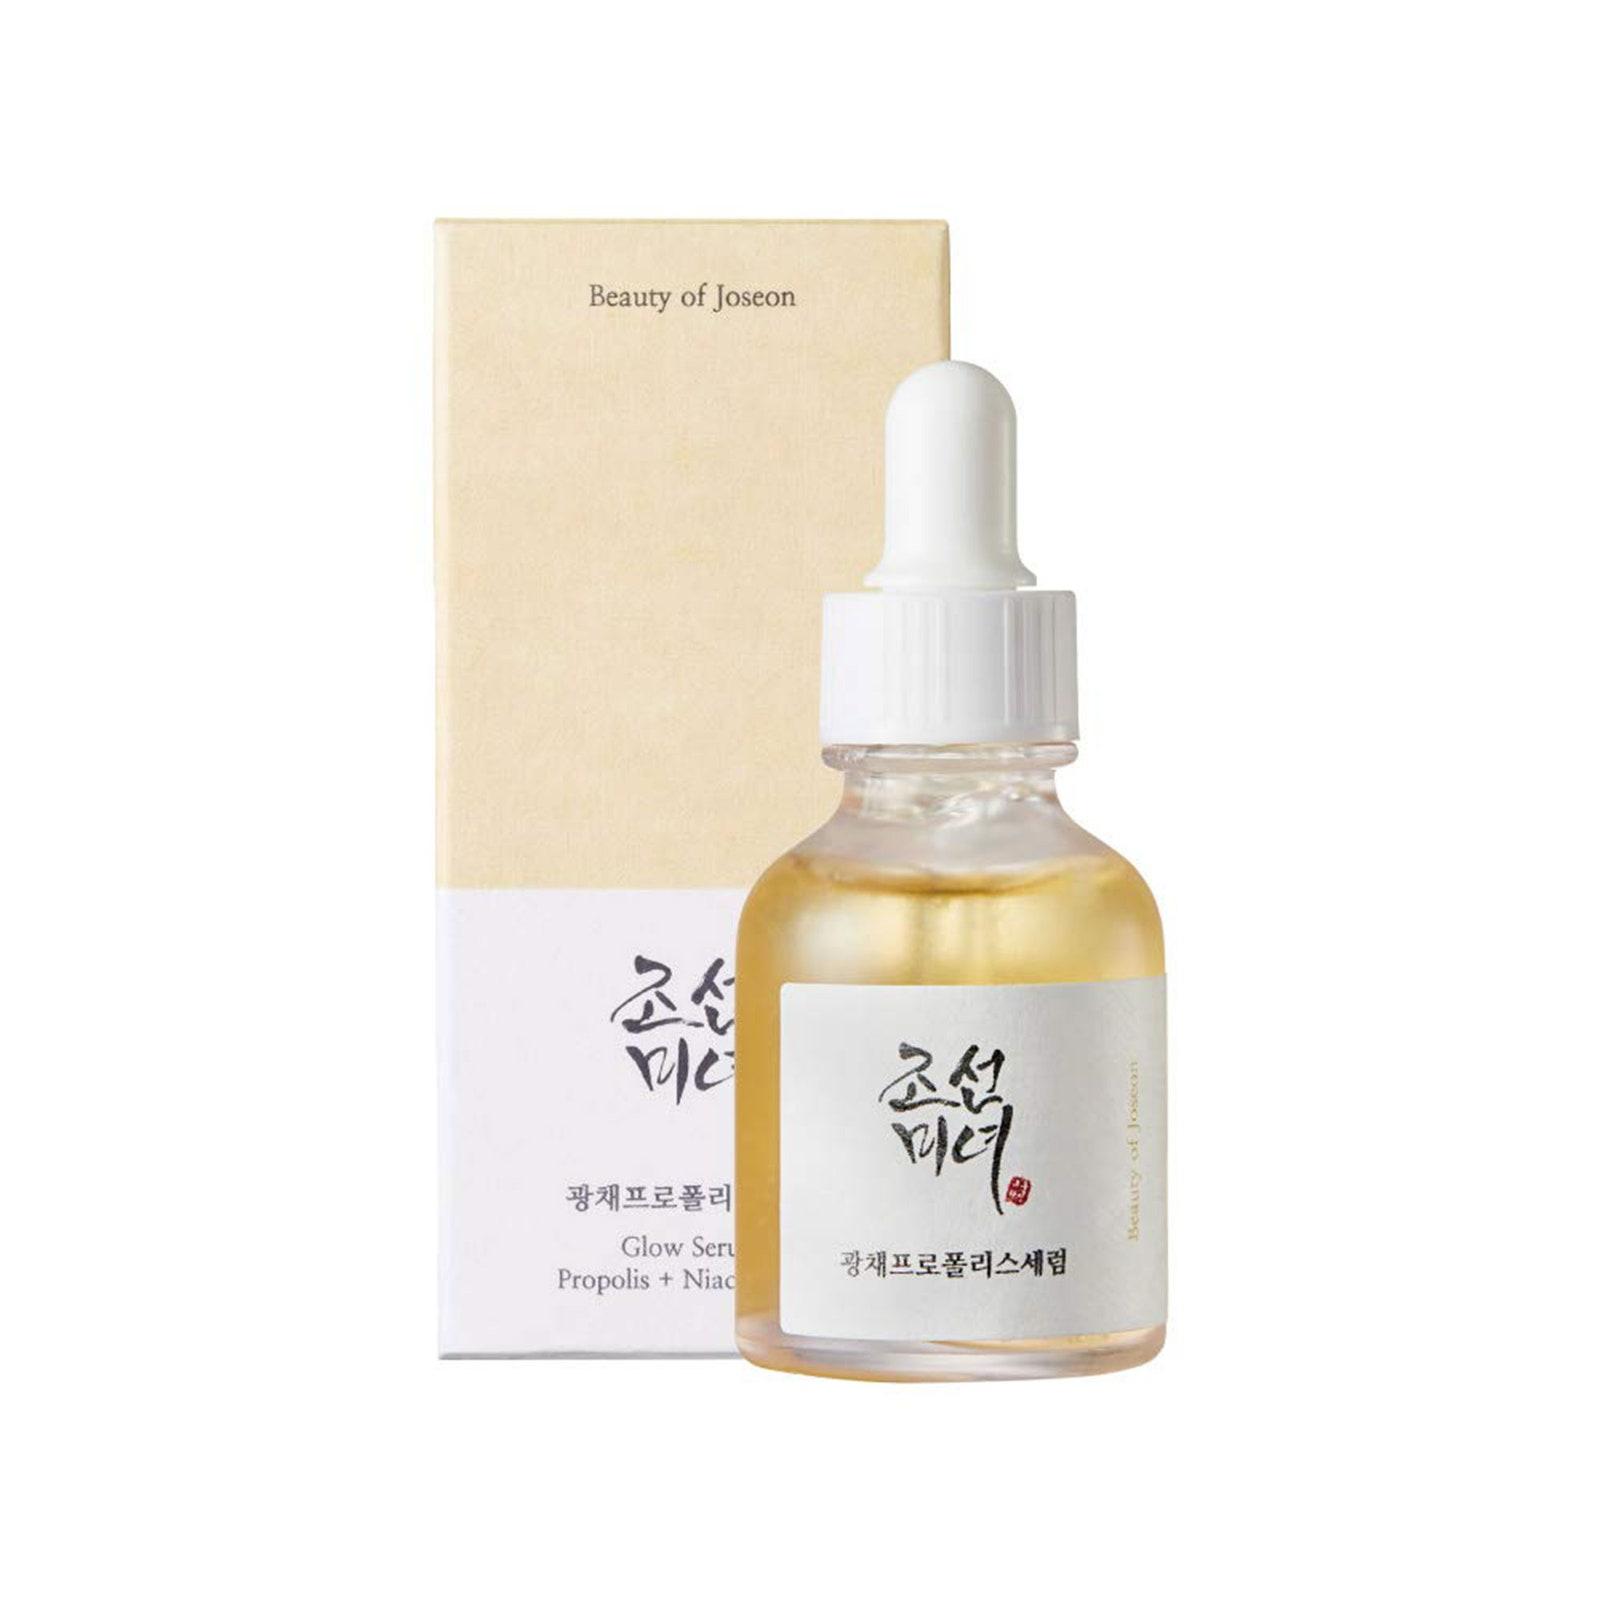 Serum Beauty of Joseon Glow (giá 390.000): Thành phần chính của loại serum này là chính là keo ong thành phần làm đẹp được yêu thích của K-beauty. Đối với những người không quen thuộc với nó, keo ong là một hỗn hợp giống như keo mà ong sản xuất bằng cách trộn các enzym của chính chúng từ nước bọt và sáp ong, và dịch tiết thực vật.